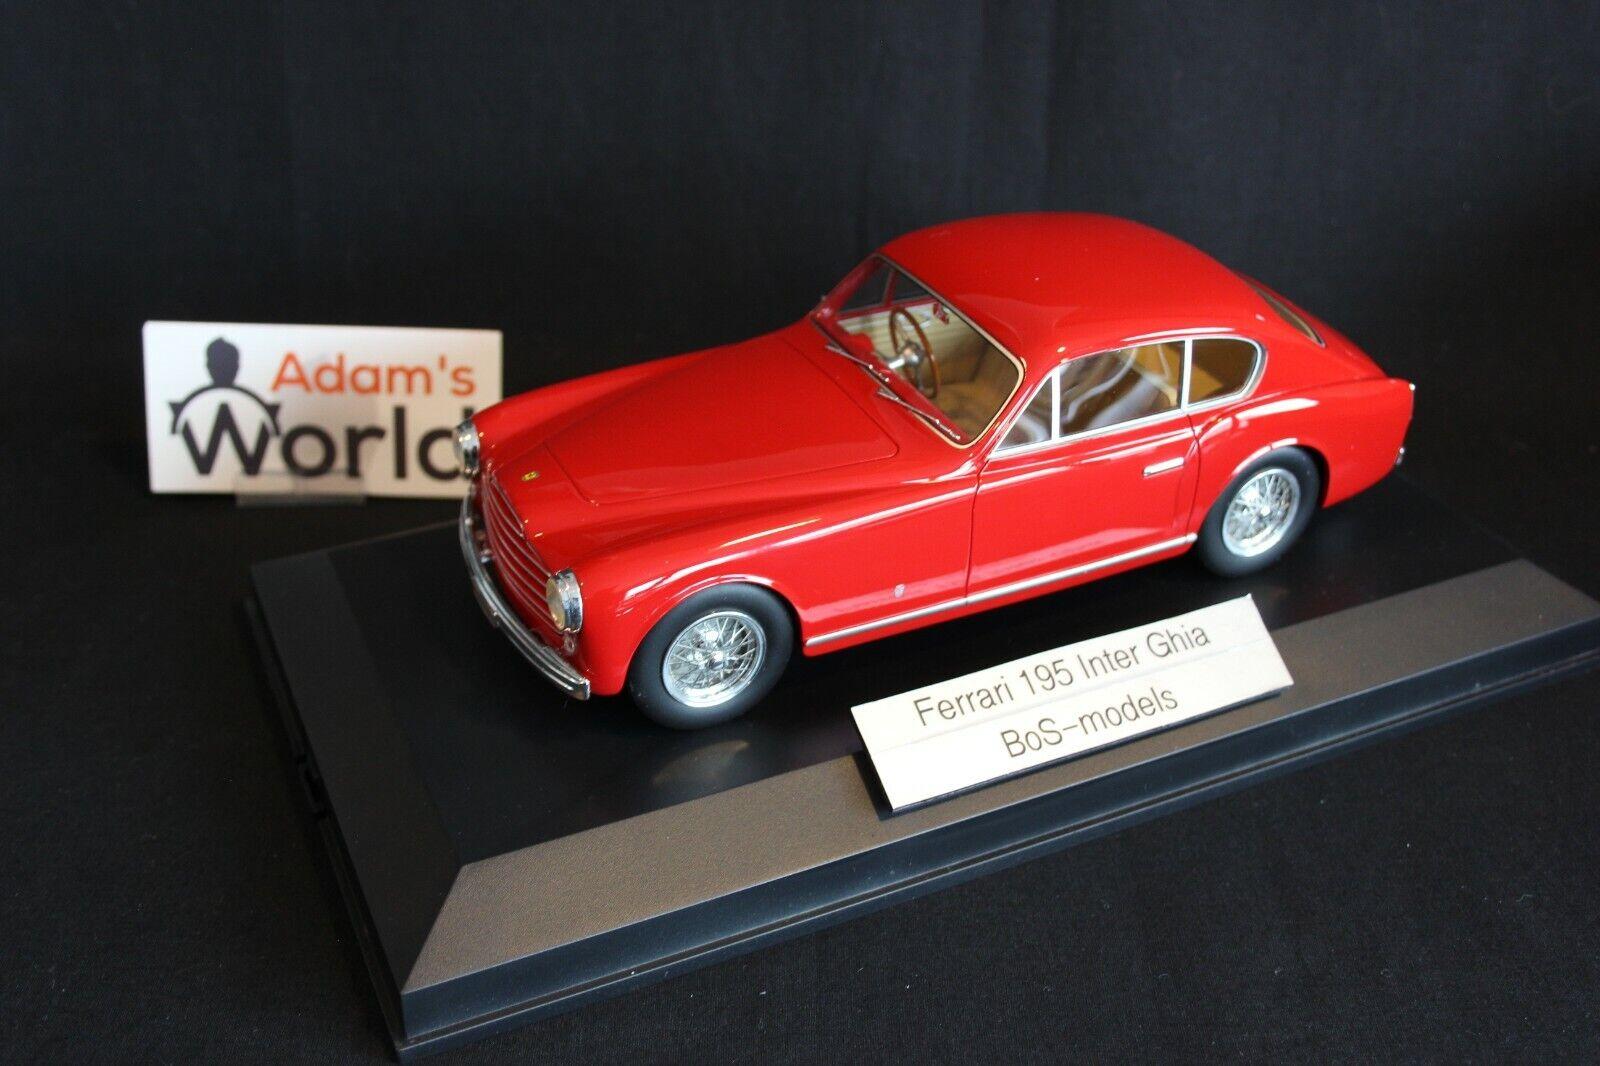 venta BoS Ferrari 195 Inter Ghia 1 1 1 18 rojo (PJBB)  tomamos a los clientes como nuestro dios